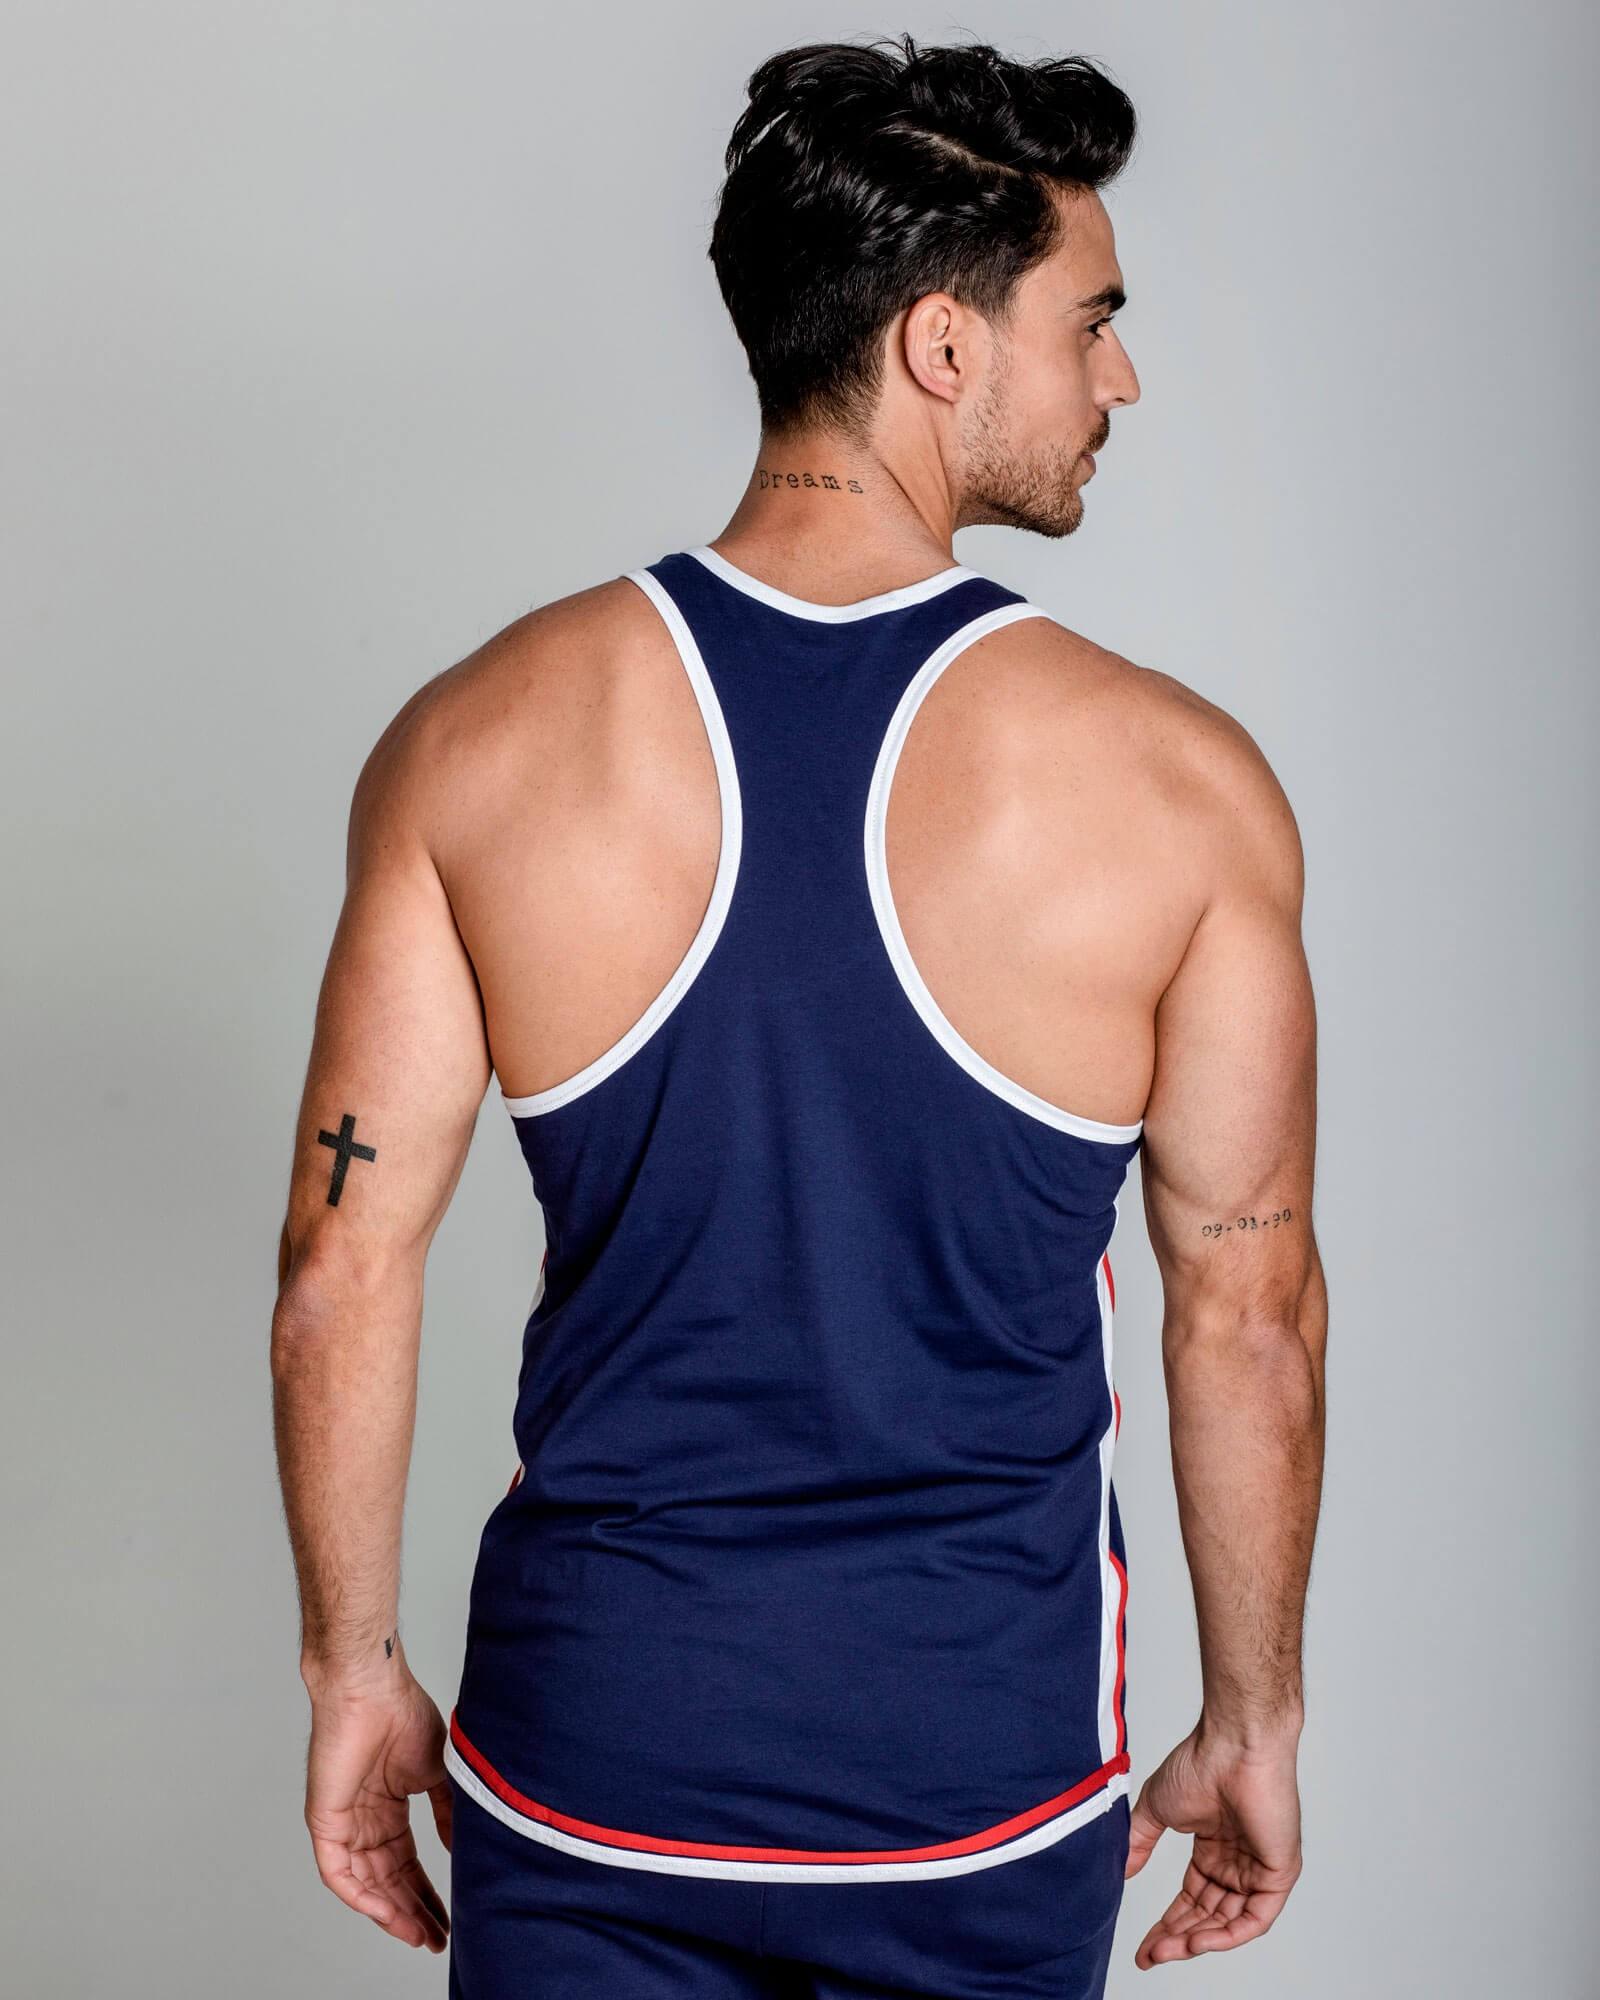 Camiseta sin mangas slim fit. 100% Algodón. Ropa de deporte estilo urbano ELIU streetwear.